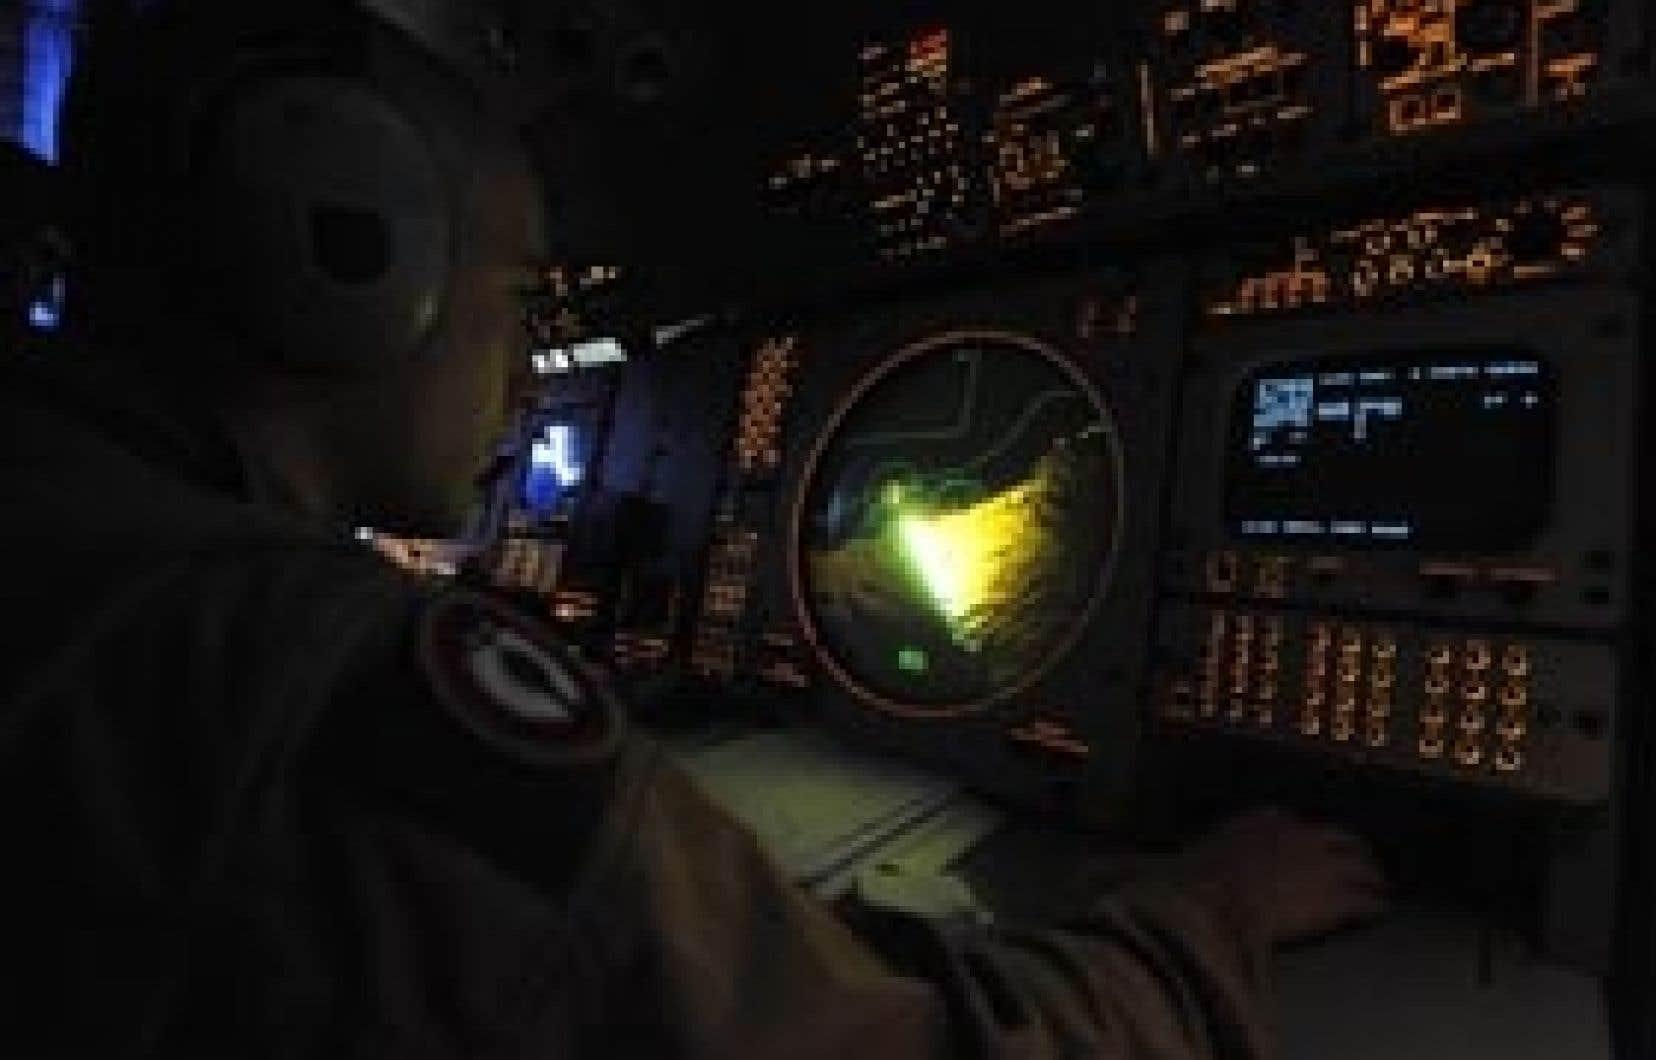 Un membre de l'armée de l'air française observe un écran radar, à la recherche de débris de l'Airbus A330 qui s'est abimé en mer. Des navires, des hélicoptères et des avions de recherche de plusieurs pays se sont lancés dans une course c